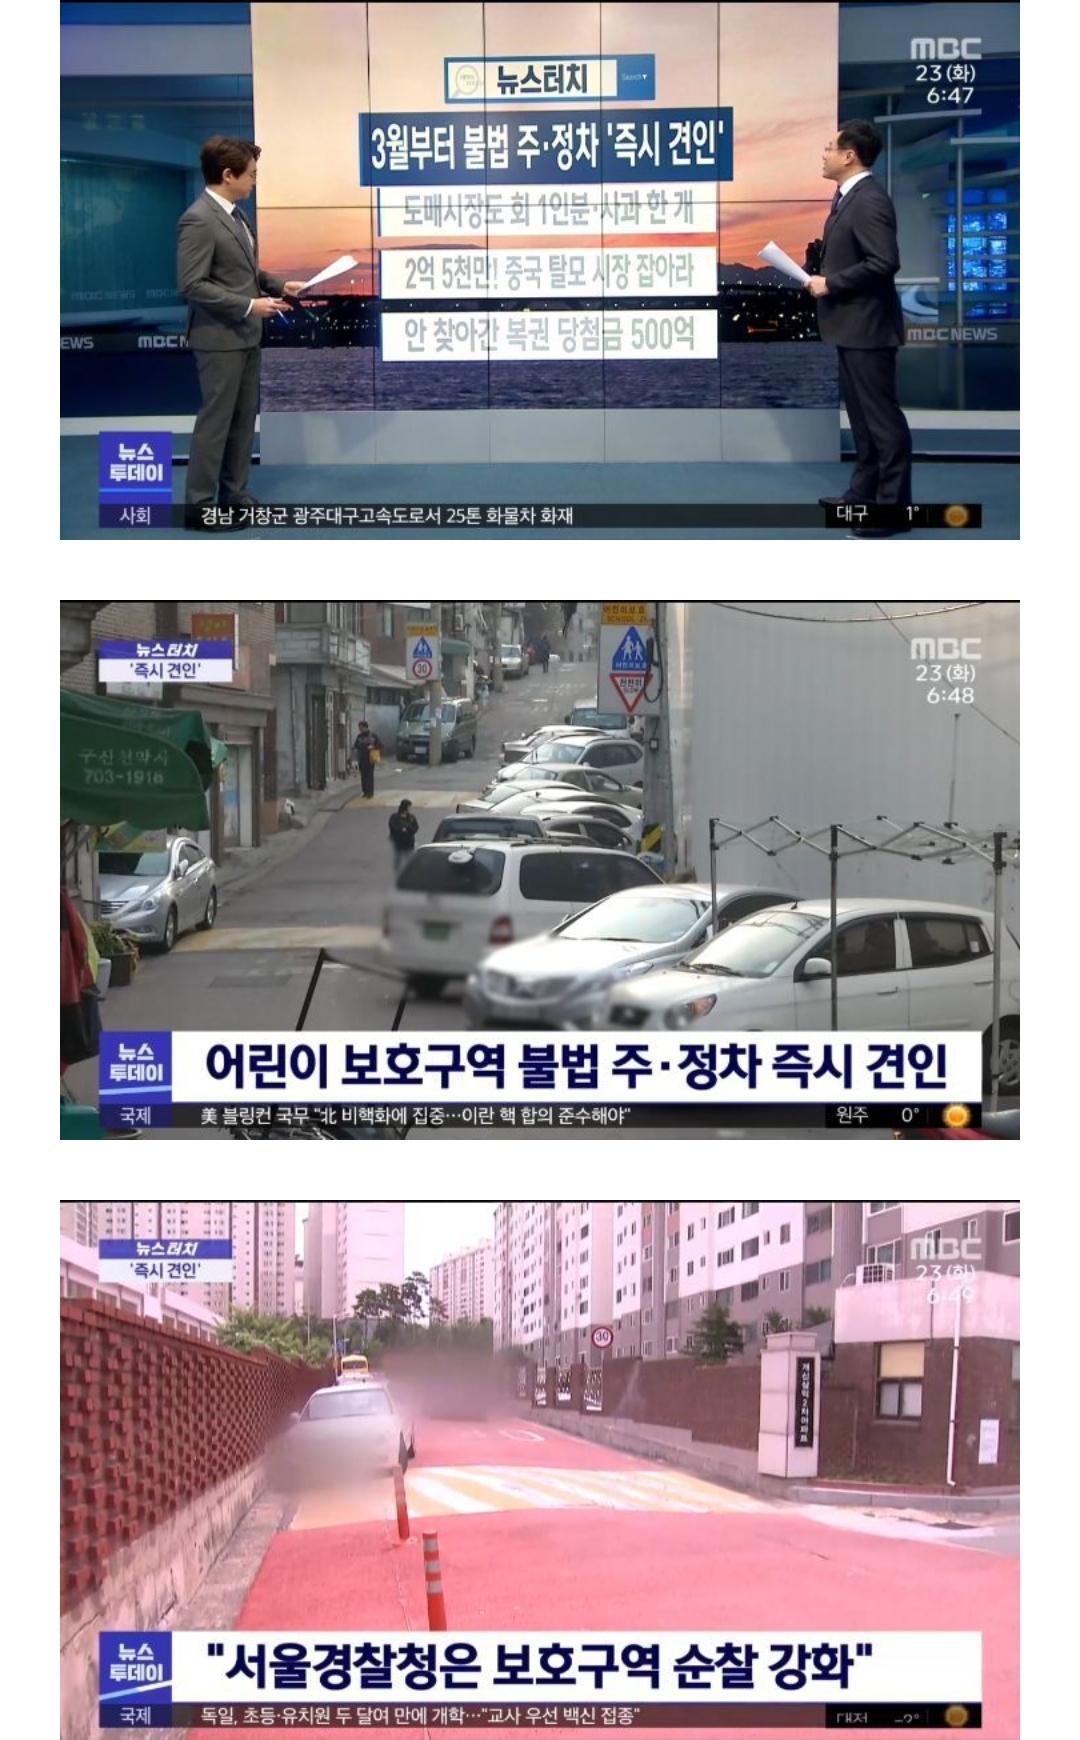 [유머] 서울시 3월부터 불법주정차 즉시 견인 -  와이드섬